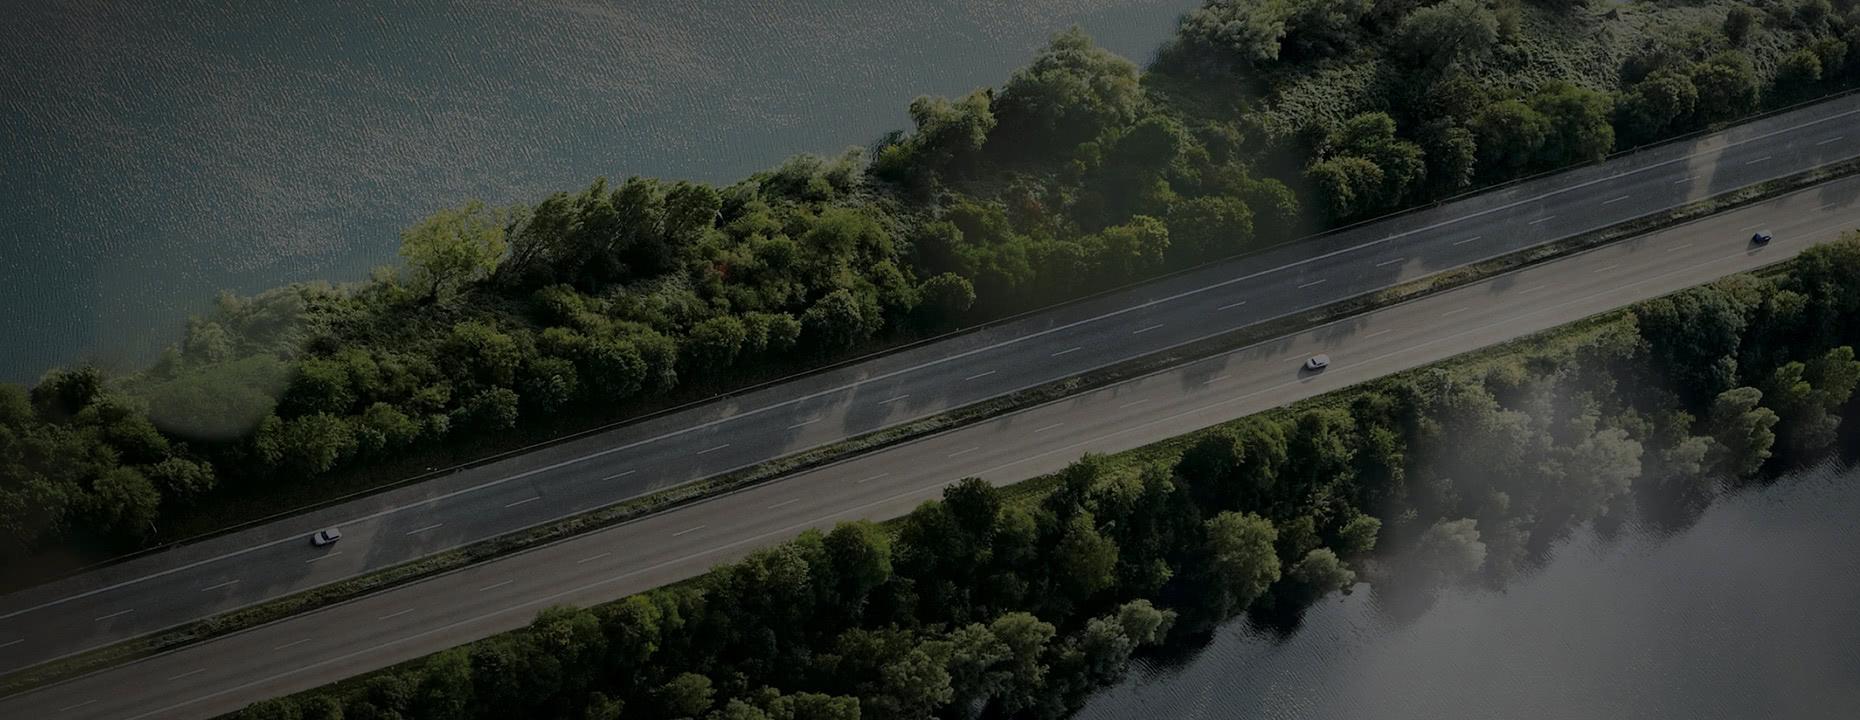 Hyundai Santa Fe 2018 року виробництва – за вигідною ціною | Богдан-Авто Житомир - фото 9